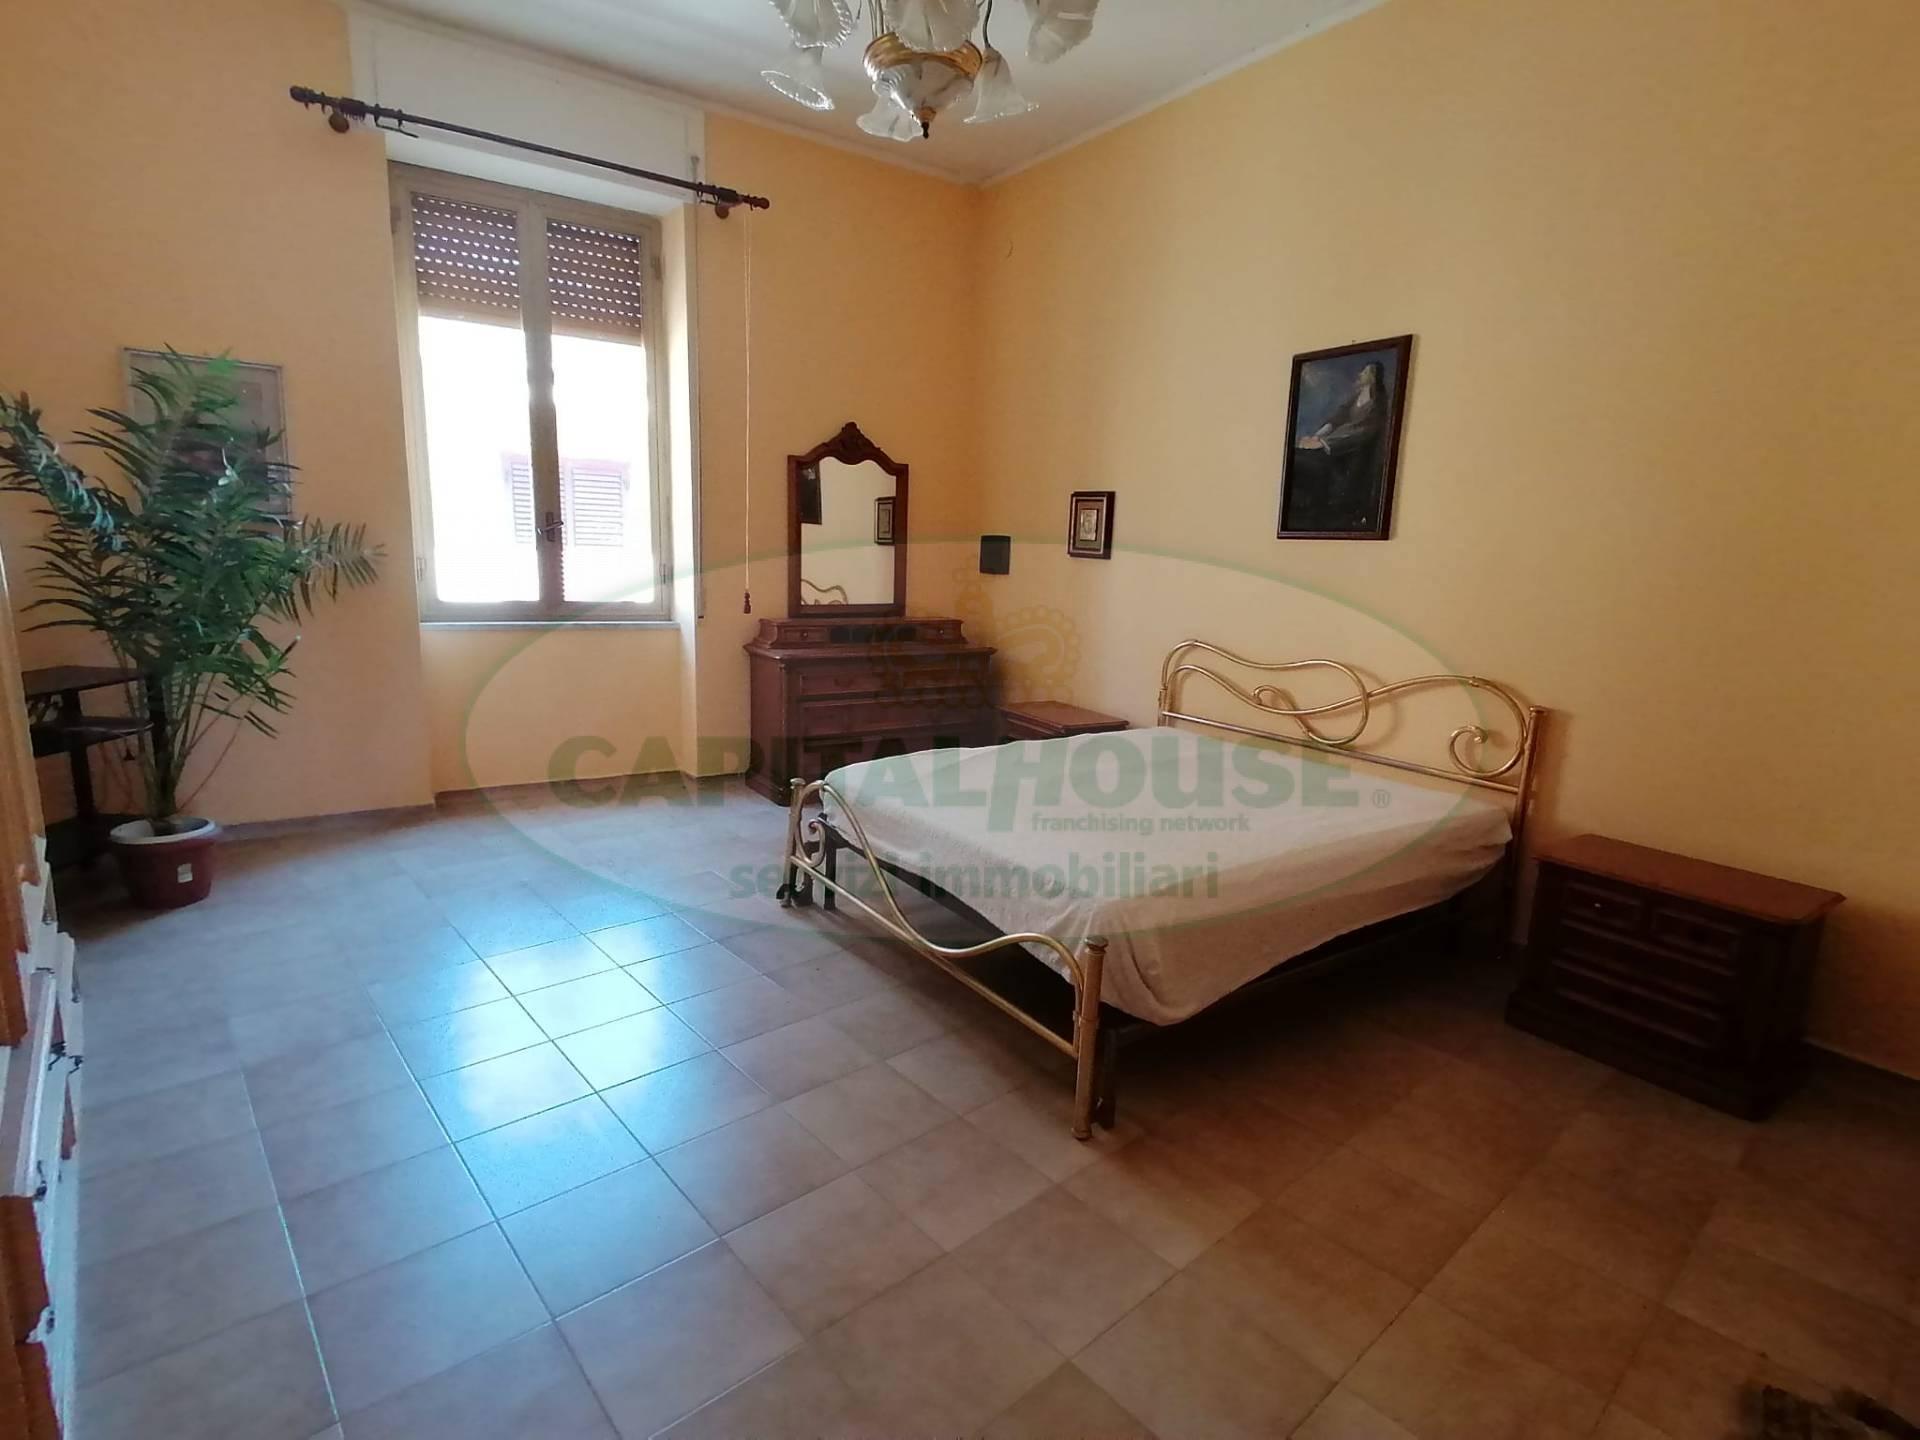 Appartamento in vendita a Cicciano, 2 locali, prezzo € 40.000 | CambioCasa.it